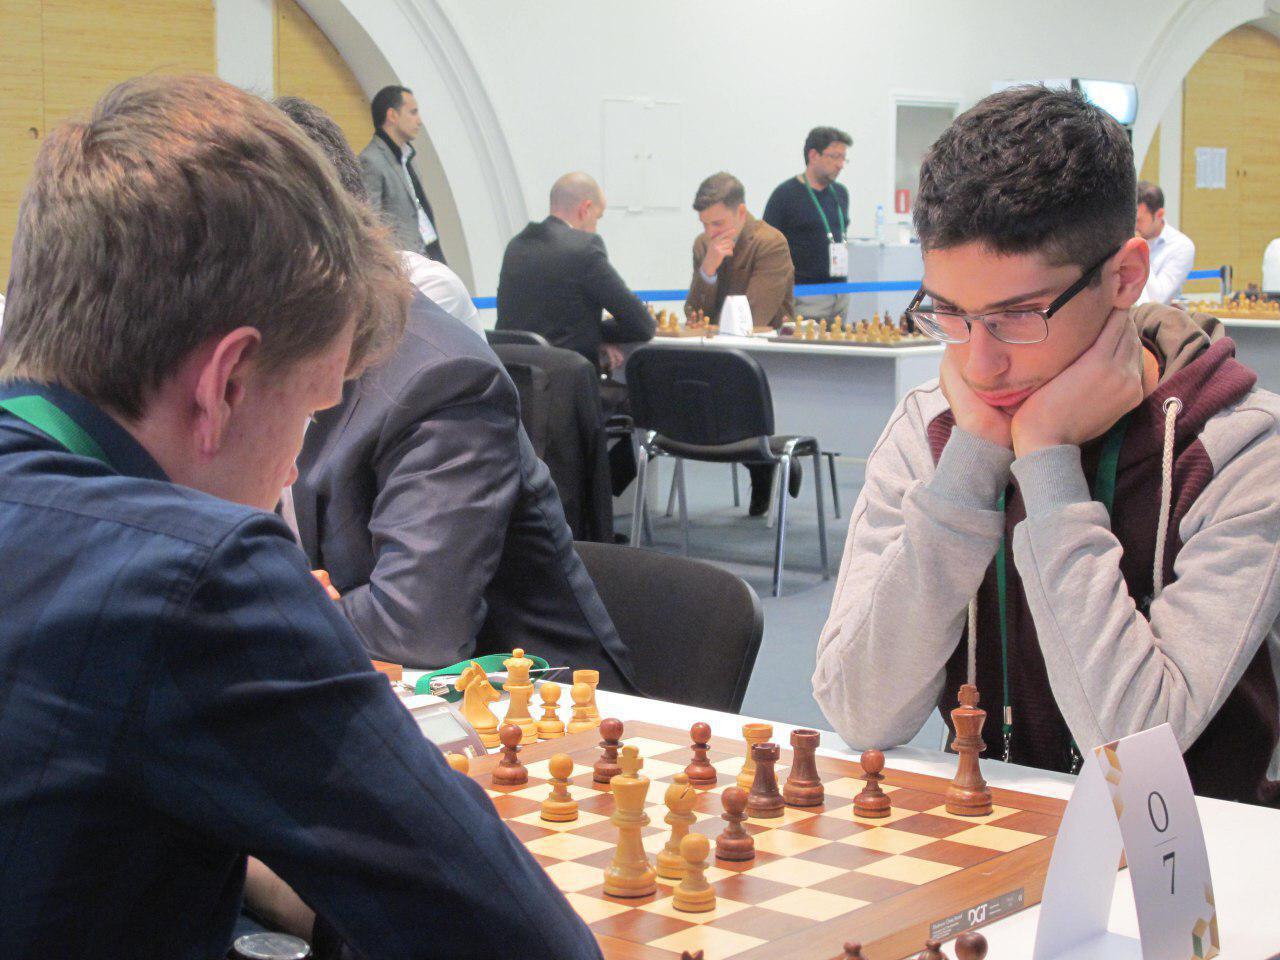 شگفتی روز نخست شطرنج سریع جهان / آتش بازی فیروز جا در سرمای سن پترزبورگ!